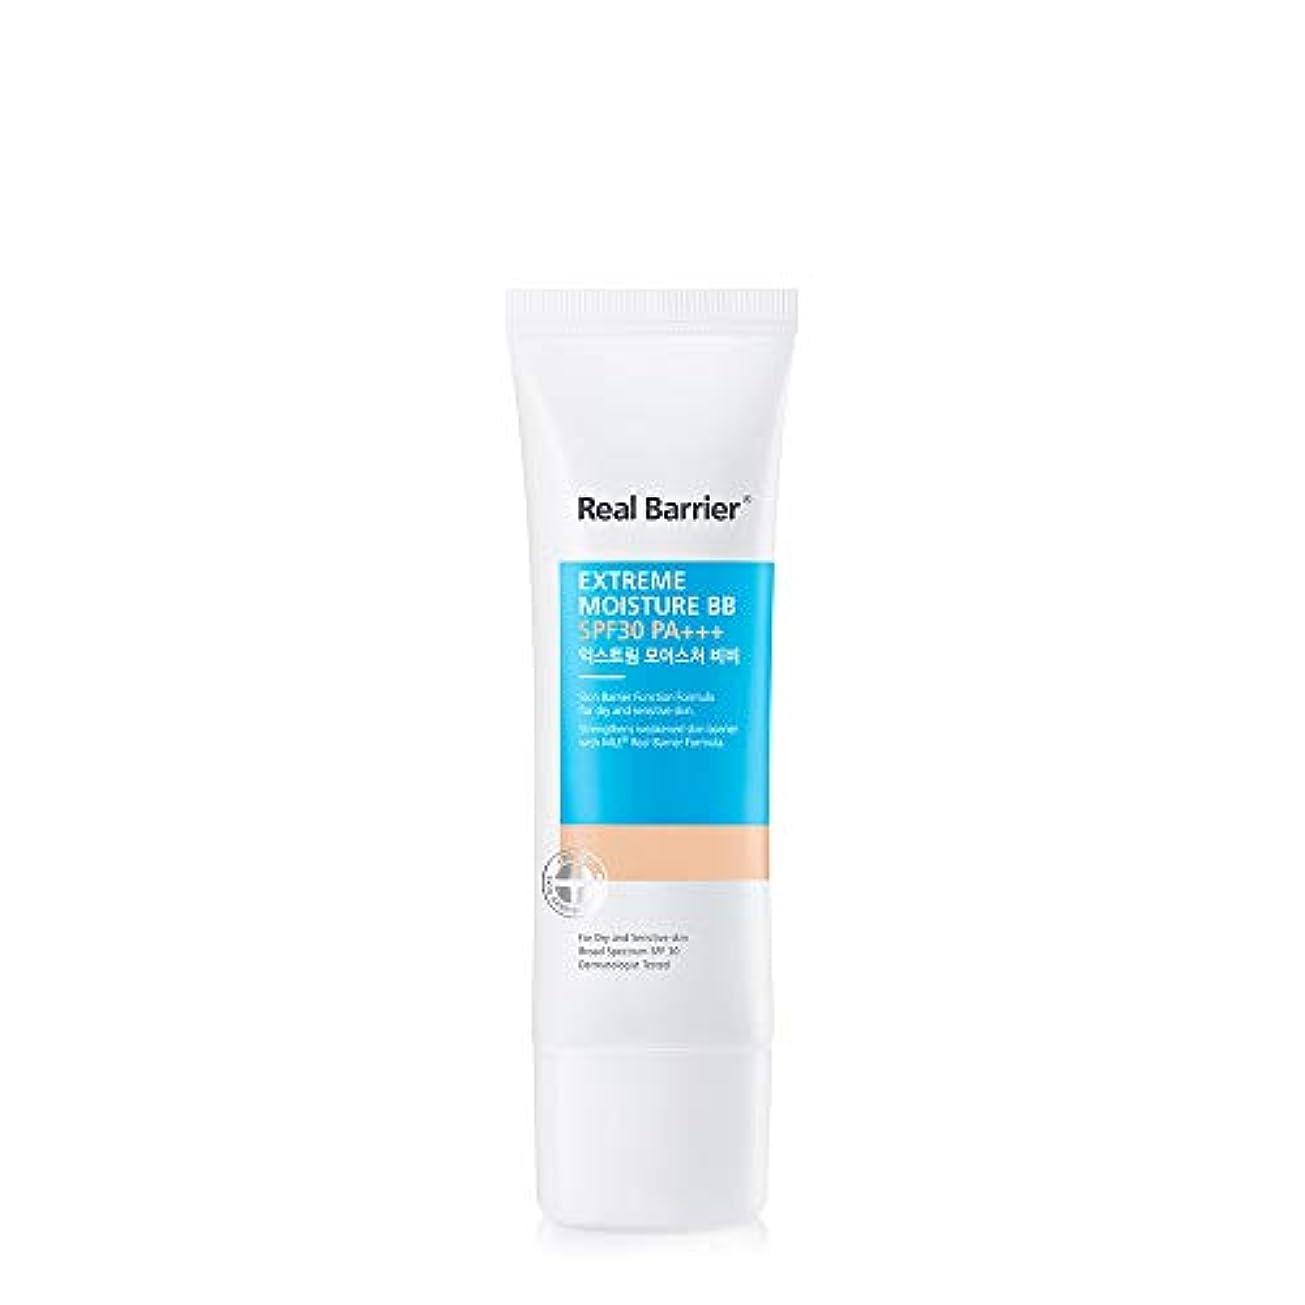 置き場腰マットNeopharm リアルバリア エクス トリーム モイスチャー BB クリーム SPF30 PA+++ Real Barrier Extreme moisture BB Cream ATOPALM